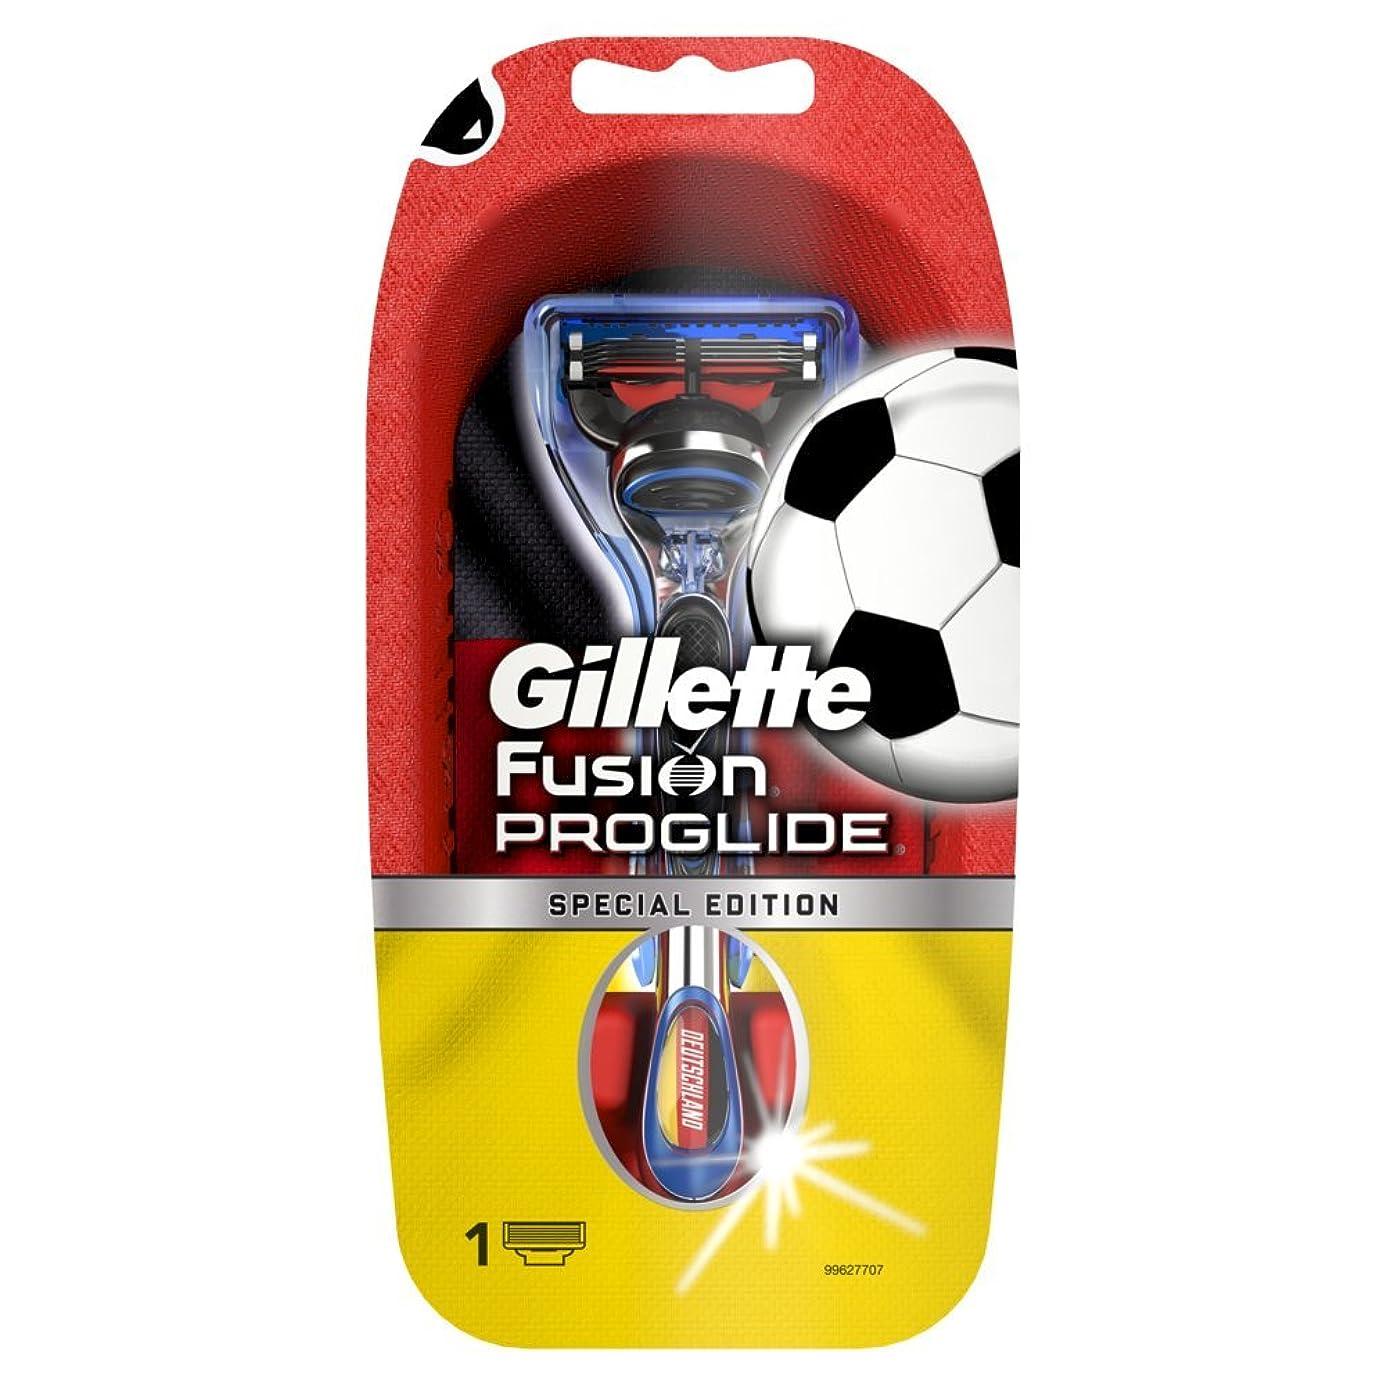 ハンサム品種サバント【数量限定品】 ジレット プログライド サッカードイツモデルホルダー